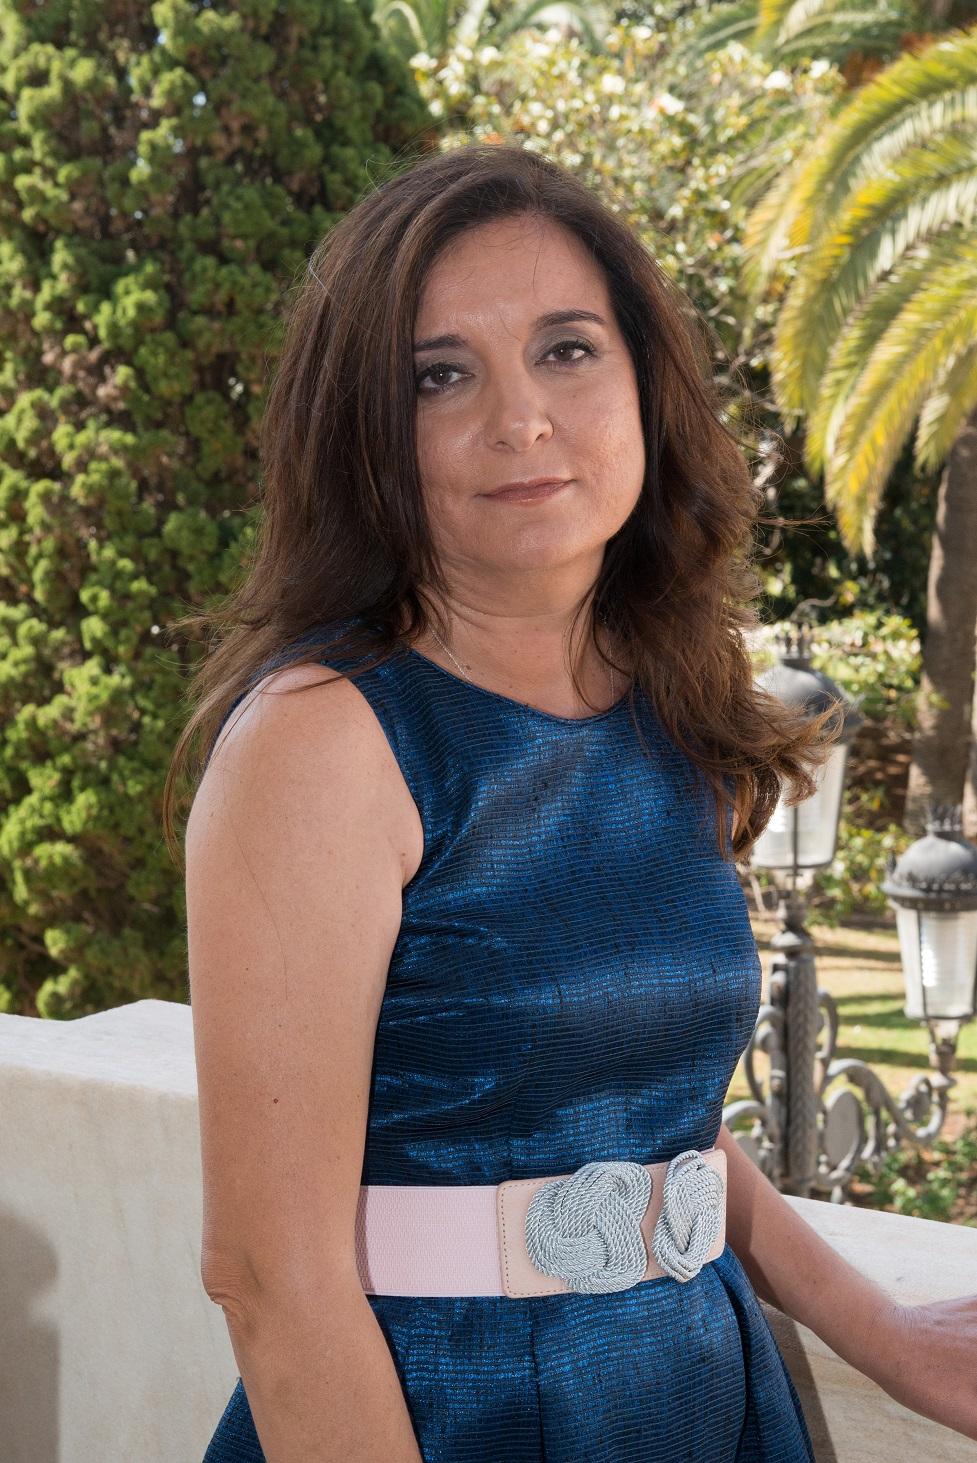 Sra. Dª. María Josefa Soler Martínez